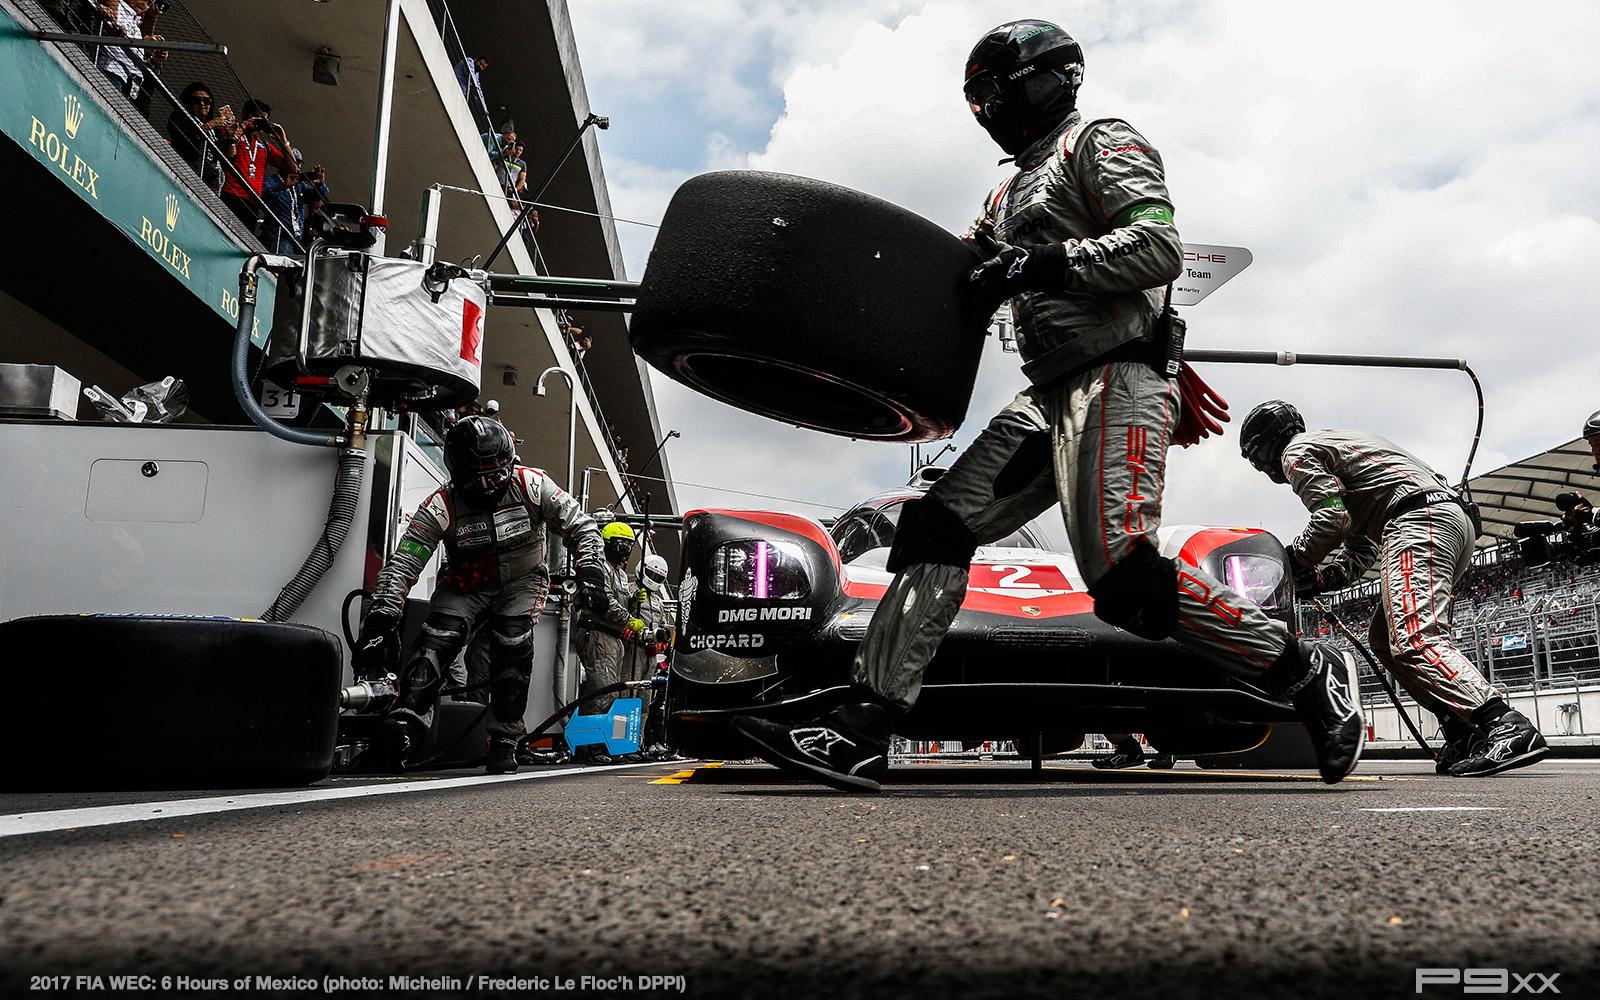 2017-FIA-WEC-6-HOURS-MEXICO-PORSCHE-exico_FLF_02117008_522451255